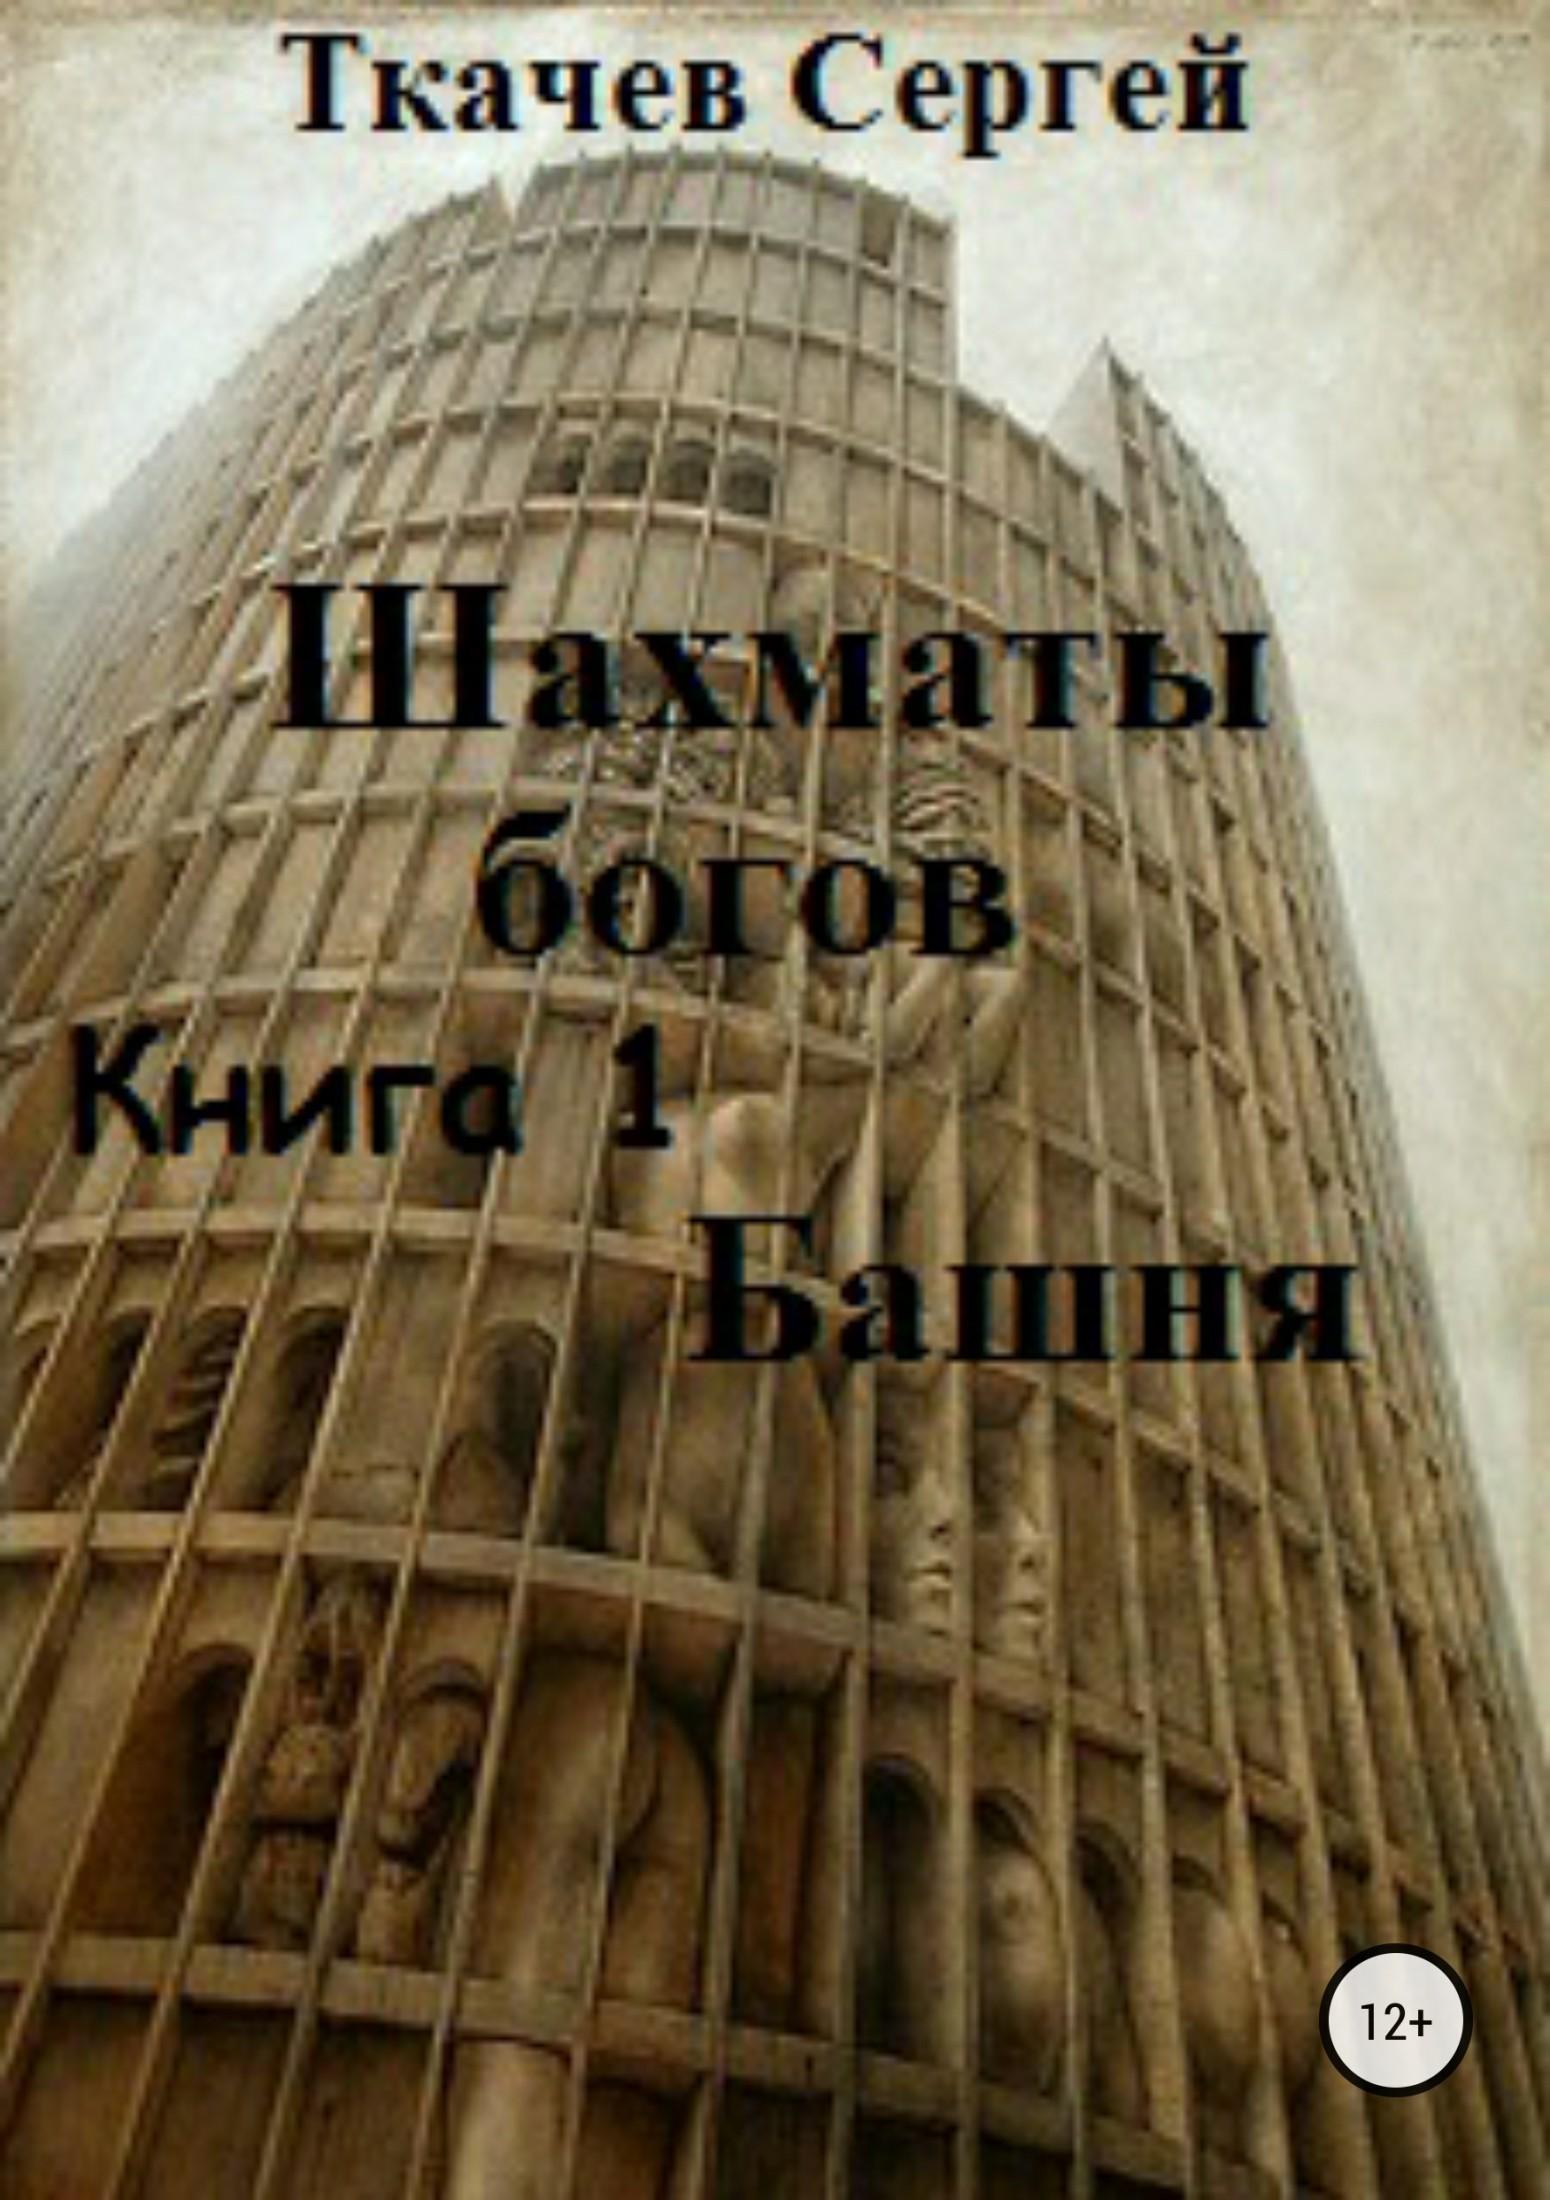 Сергей Сергеевич Ткачев Шахматы богов. Башня ираида трощенкова мамонт там где любовь